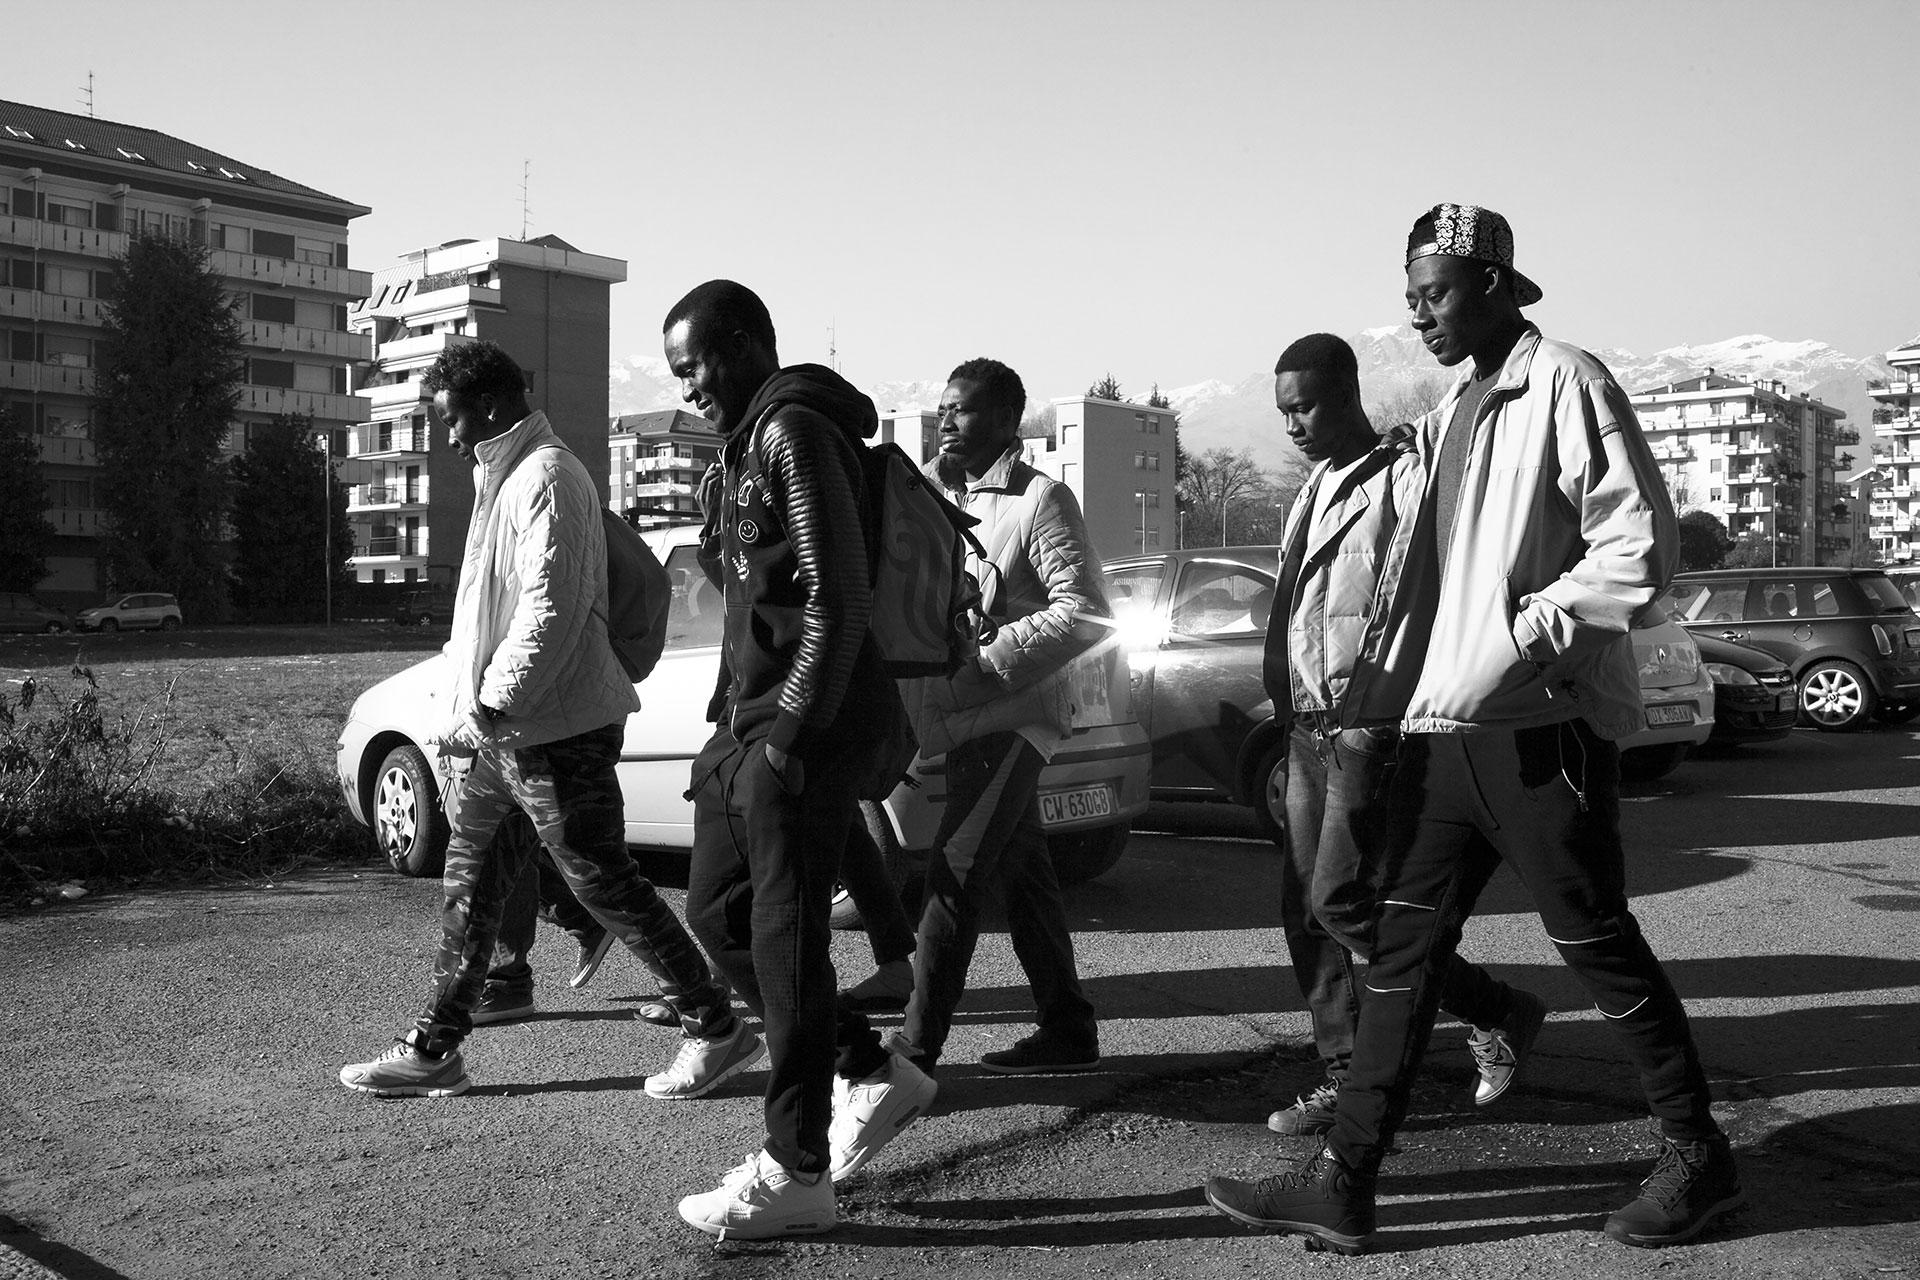 Malick camina junto a sus amigos por las calles de Biella, pequeña ciudad al norte de Italia donde todos ellos fueron reubicados después de ser rescatados del mar Mediterráneo a lo largo de 2016.